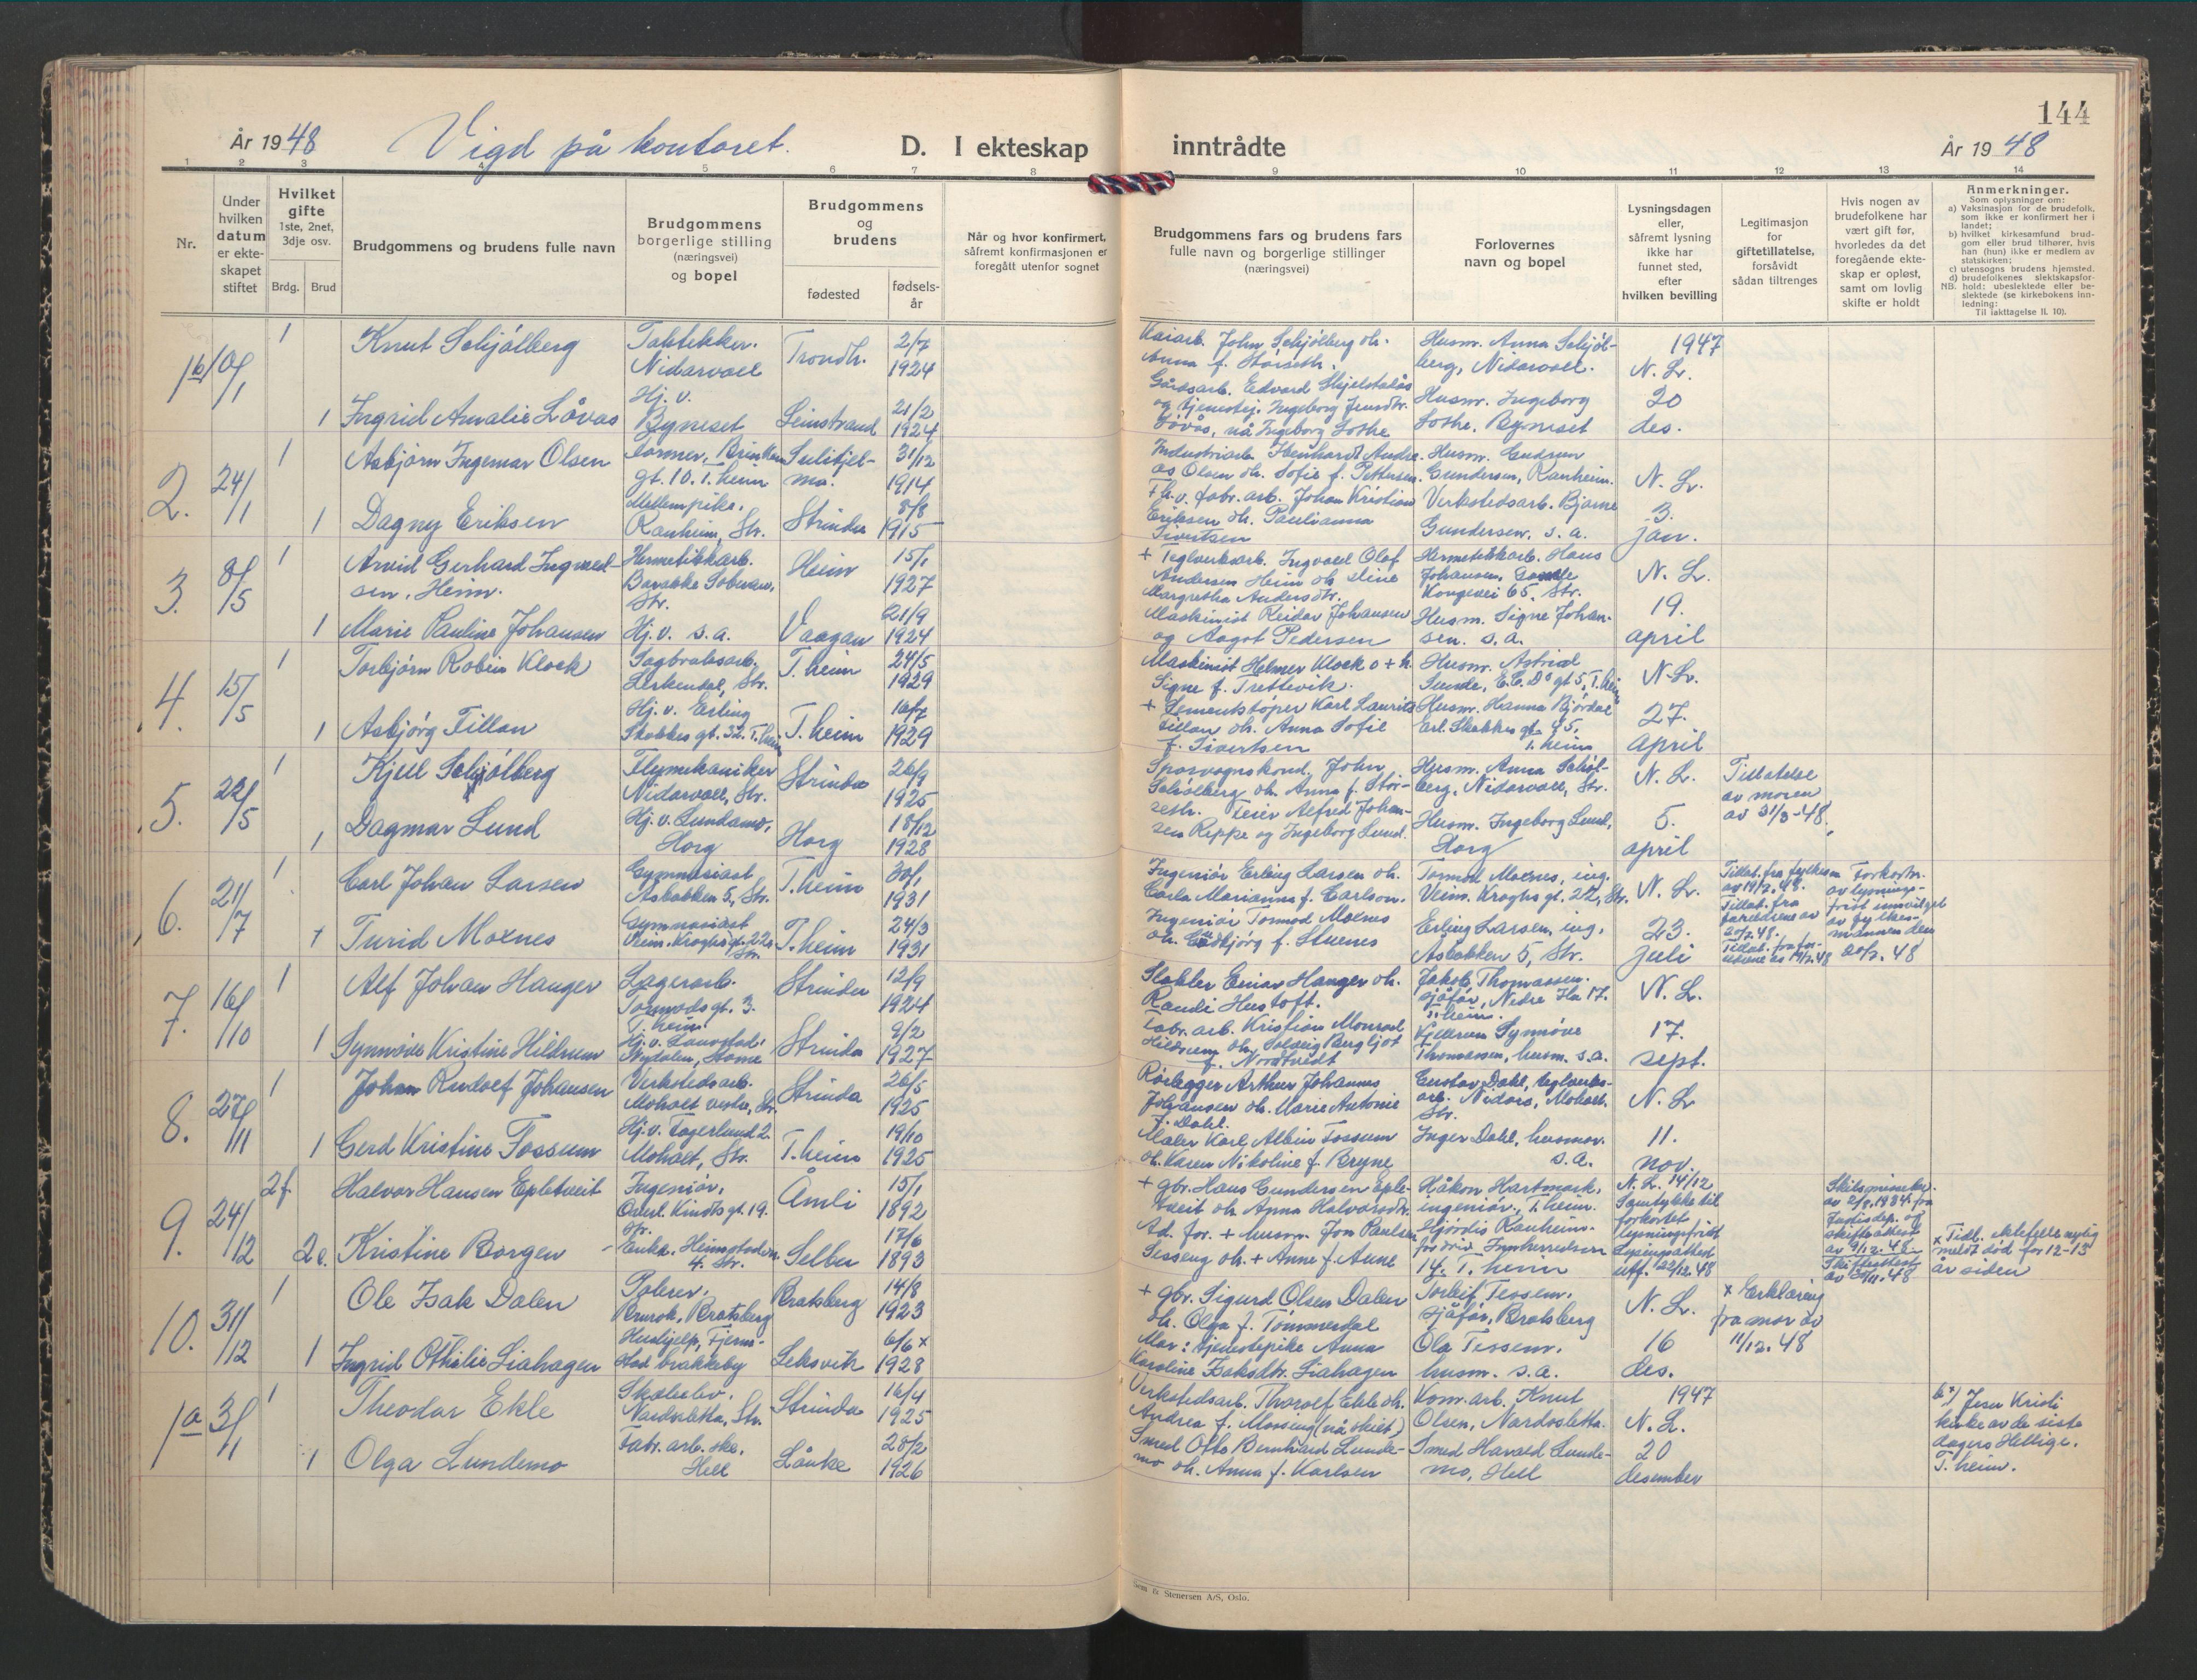 SAT, Ministerialprotokoller, klokkerbøker og fødselsregistre - Sør-Trøndelag, 607/L0328: Klokkerbok nr. 607C02, 1940-1948, s. 144